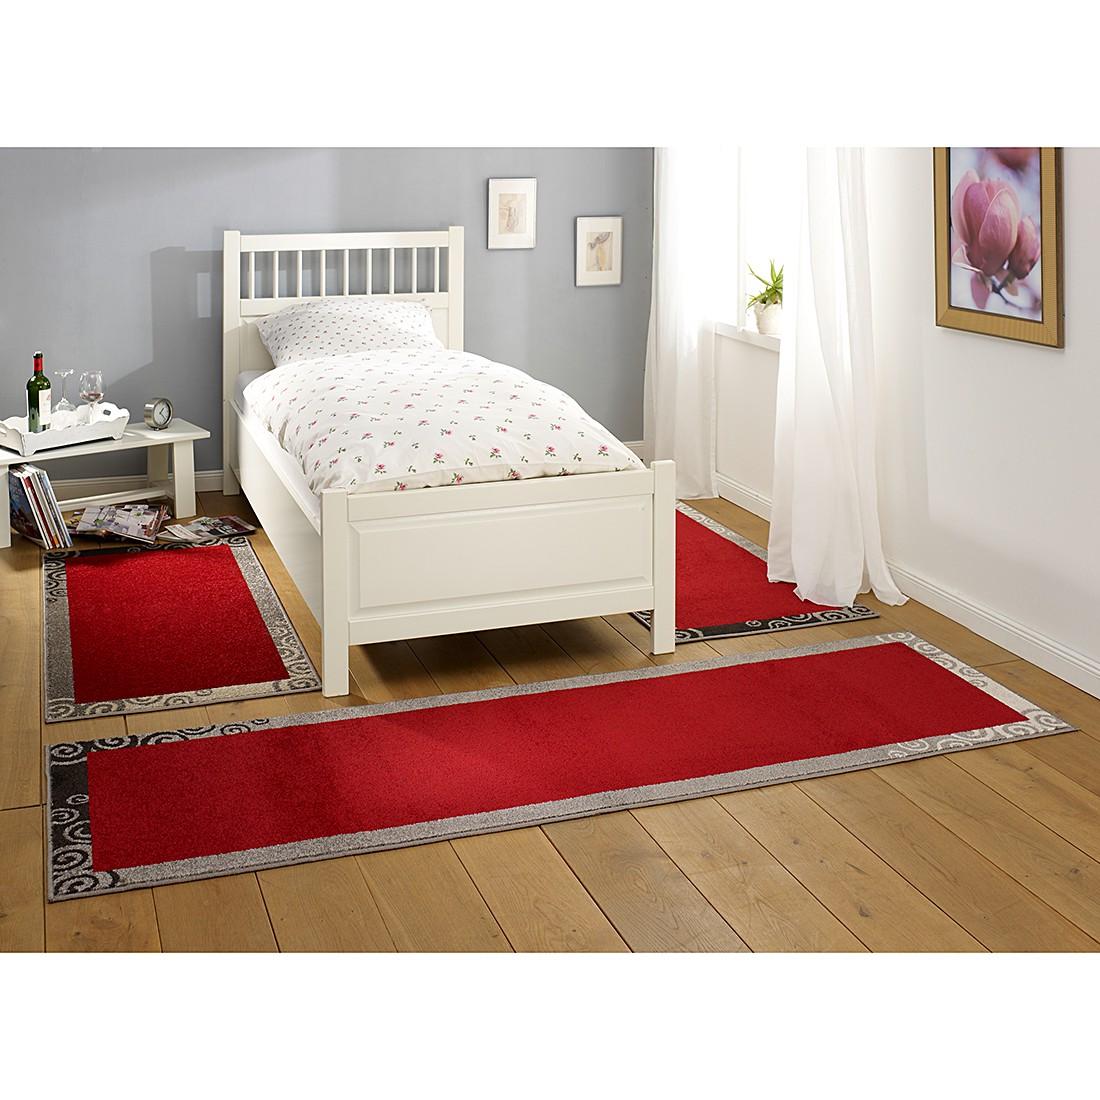 Descente de lit Lectus VI - Rouge, Hanse Home Collection